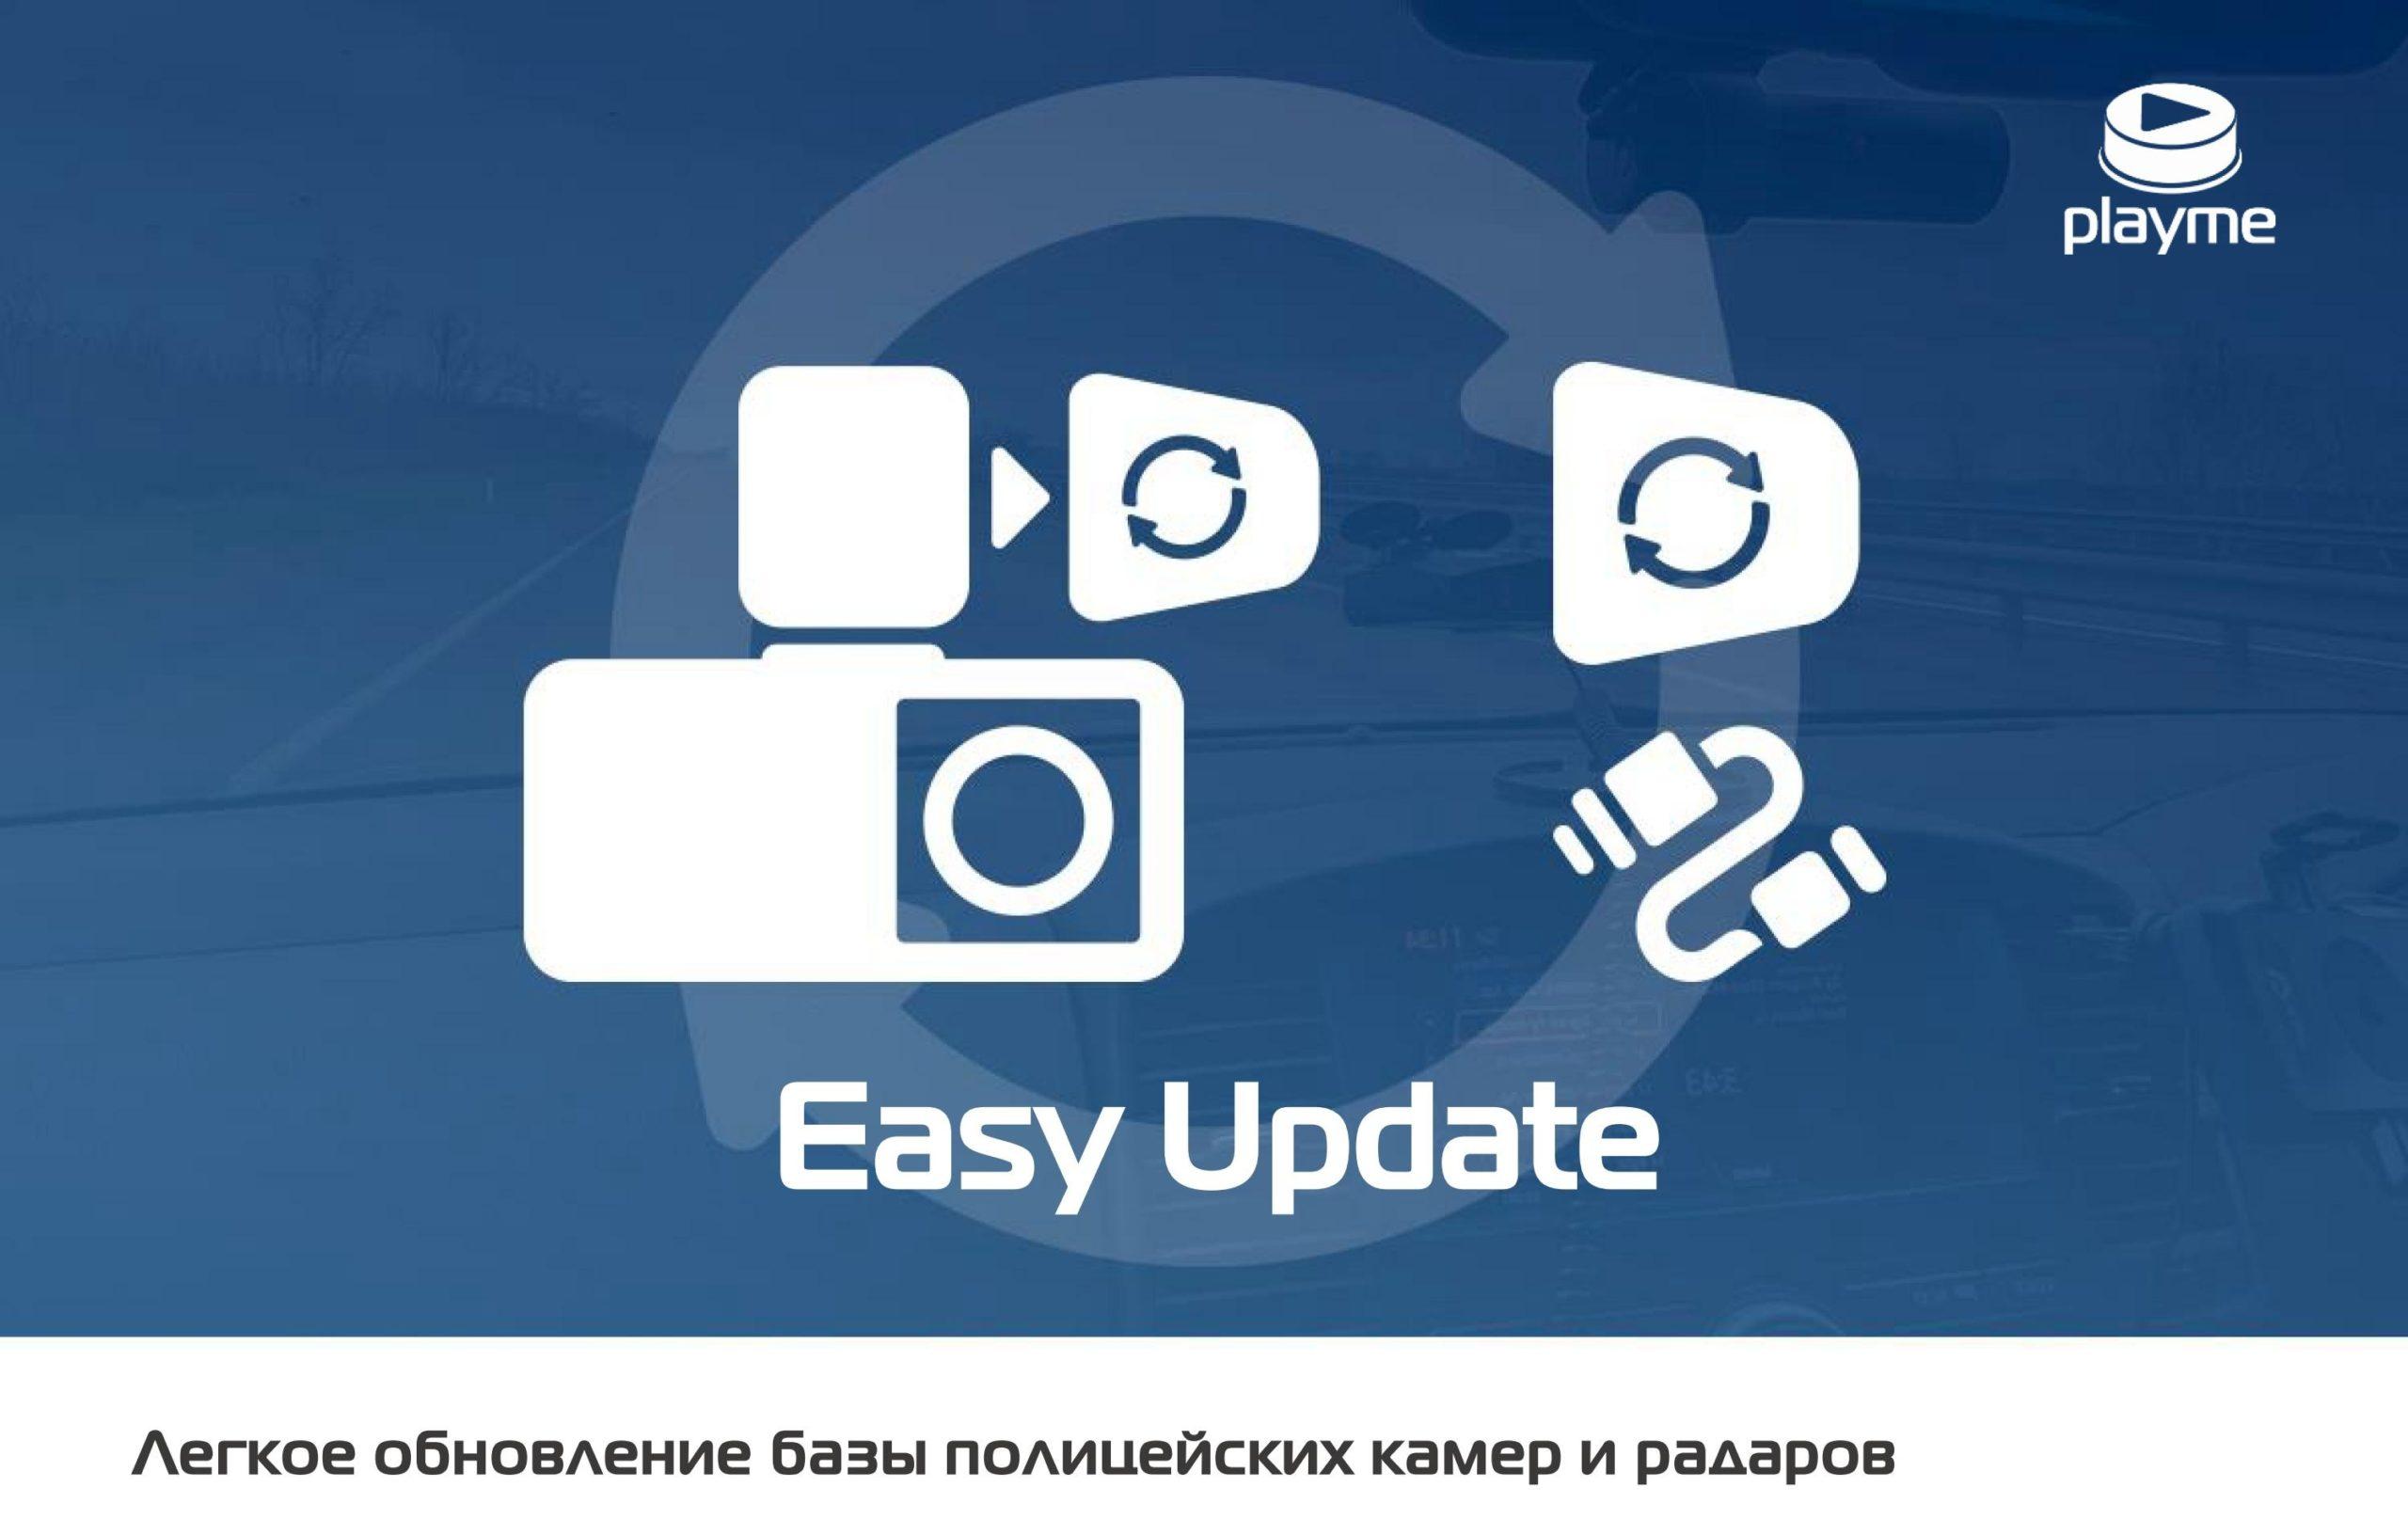 62d137d8 f4ea 4d5b baf9 0114a6247b54 scaled VideoregObzor Новый видеорегистратор Playme TIO S доступен к заказу